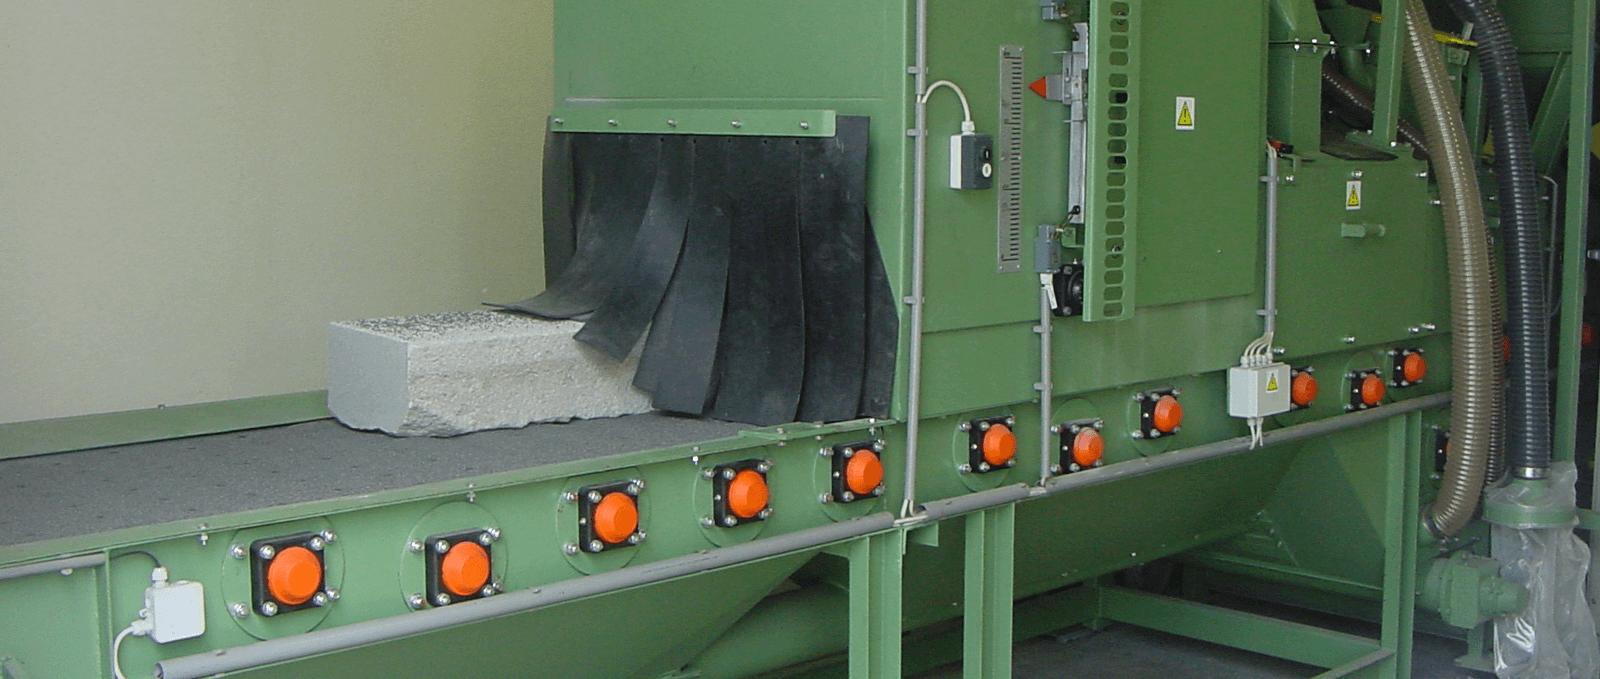 Rollenbaan steenstraalmachine